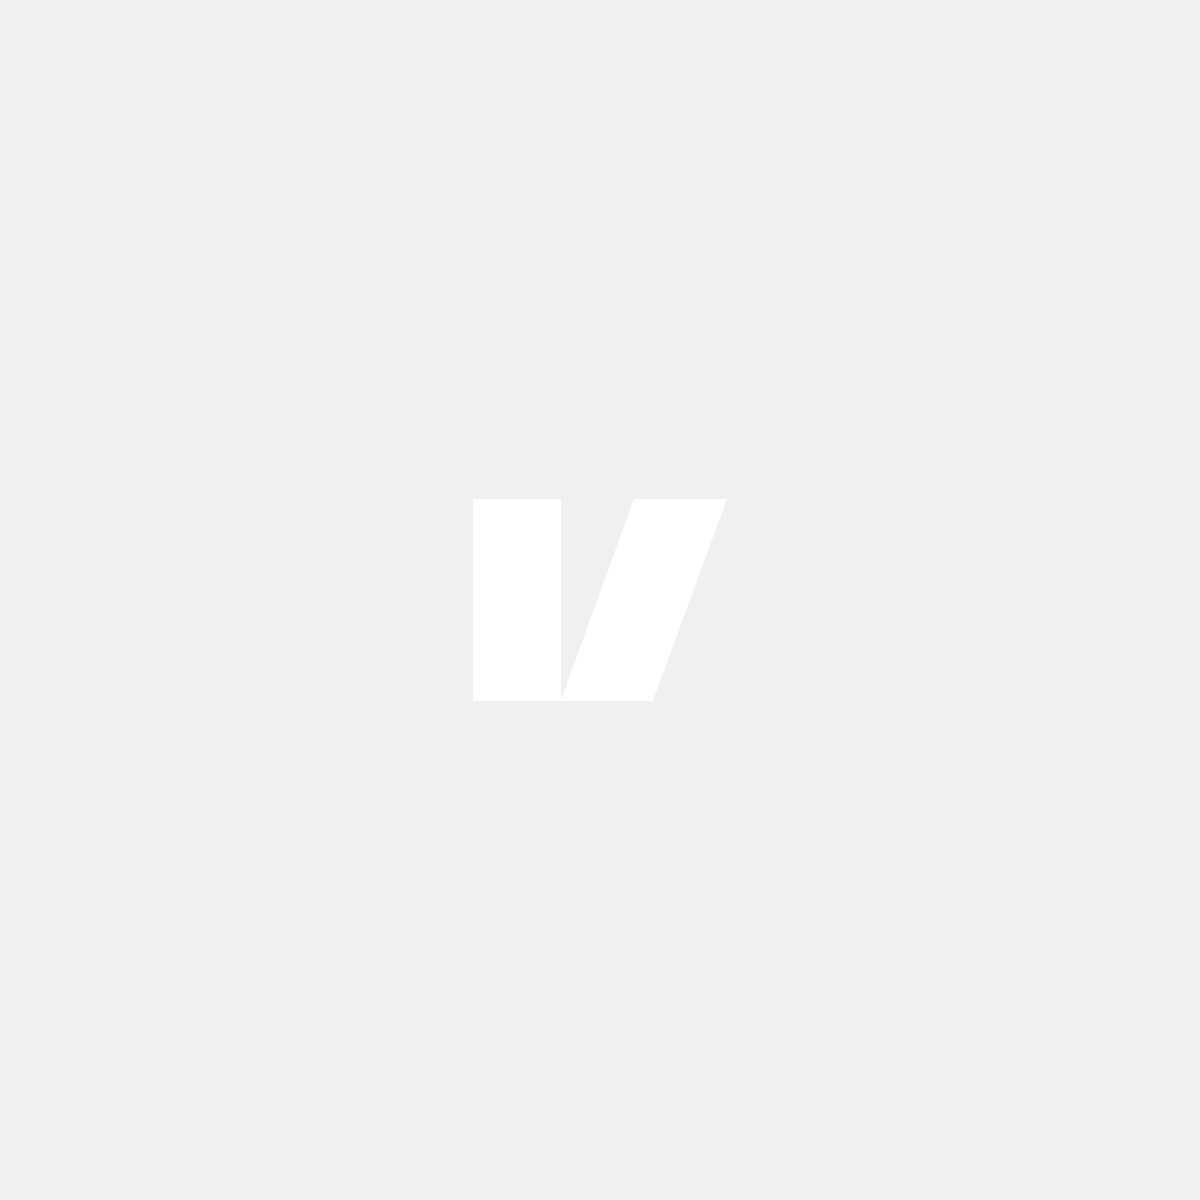 Regnavvisare för backspeglar till Volvo XC70 08-